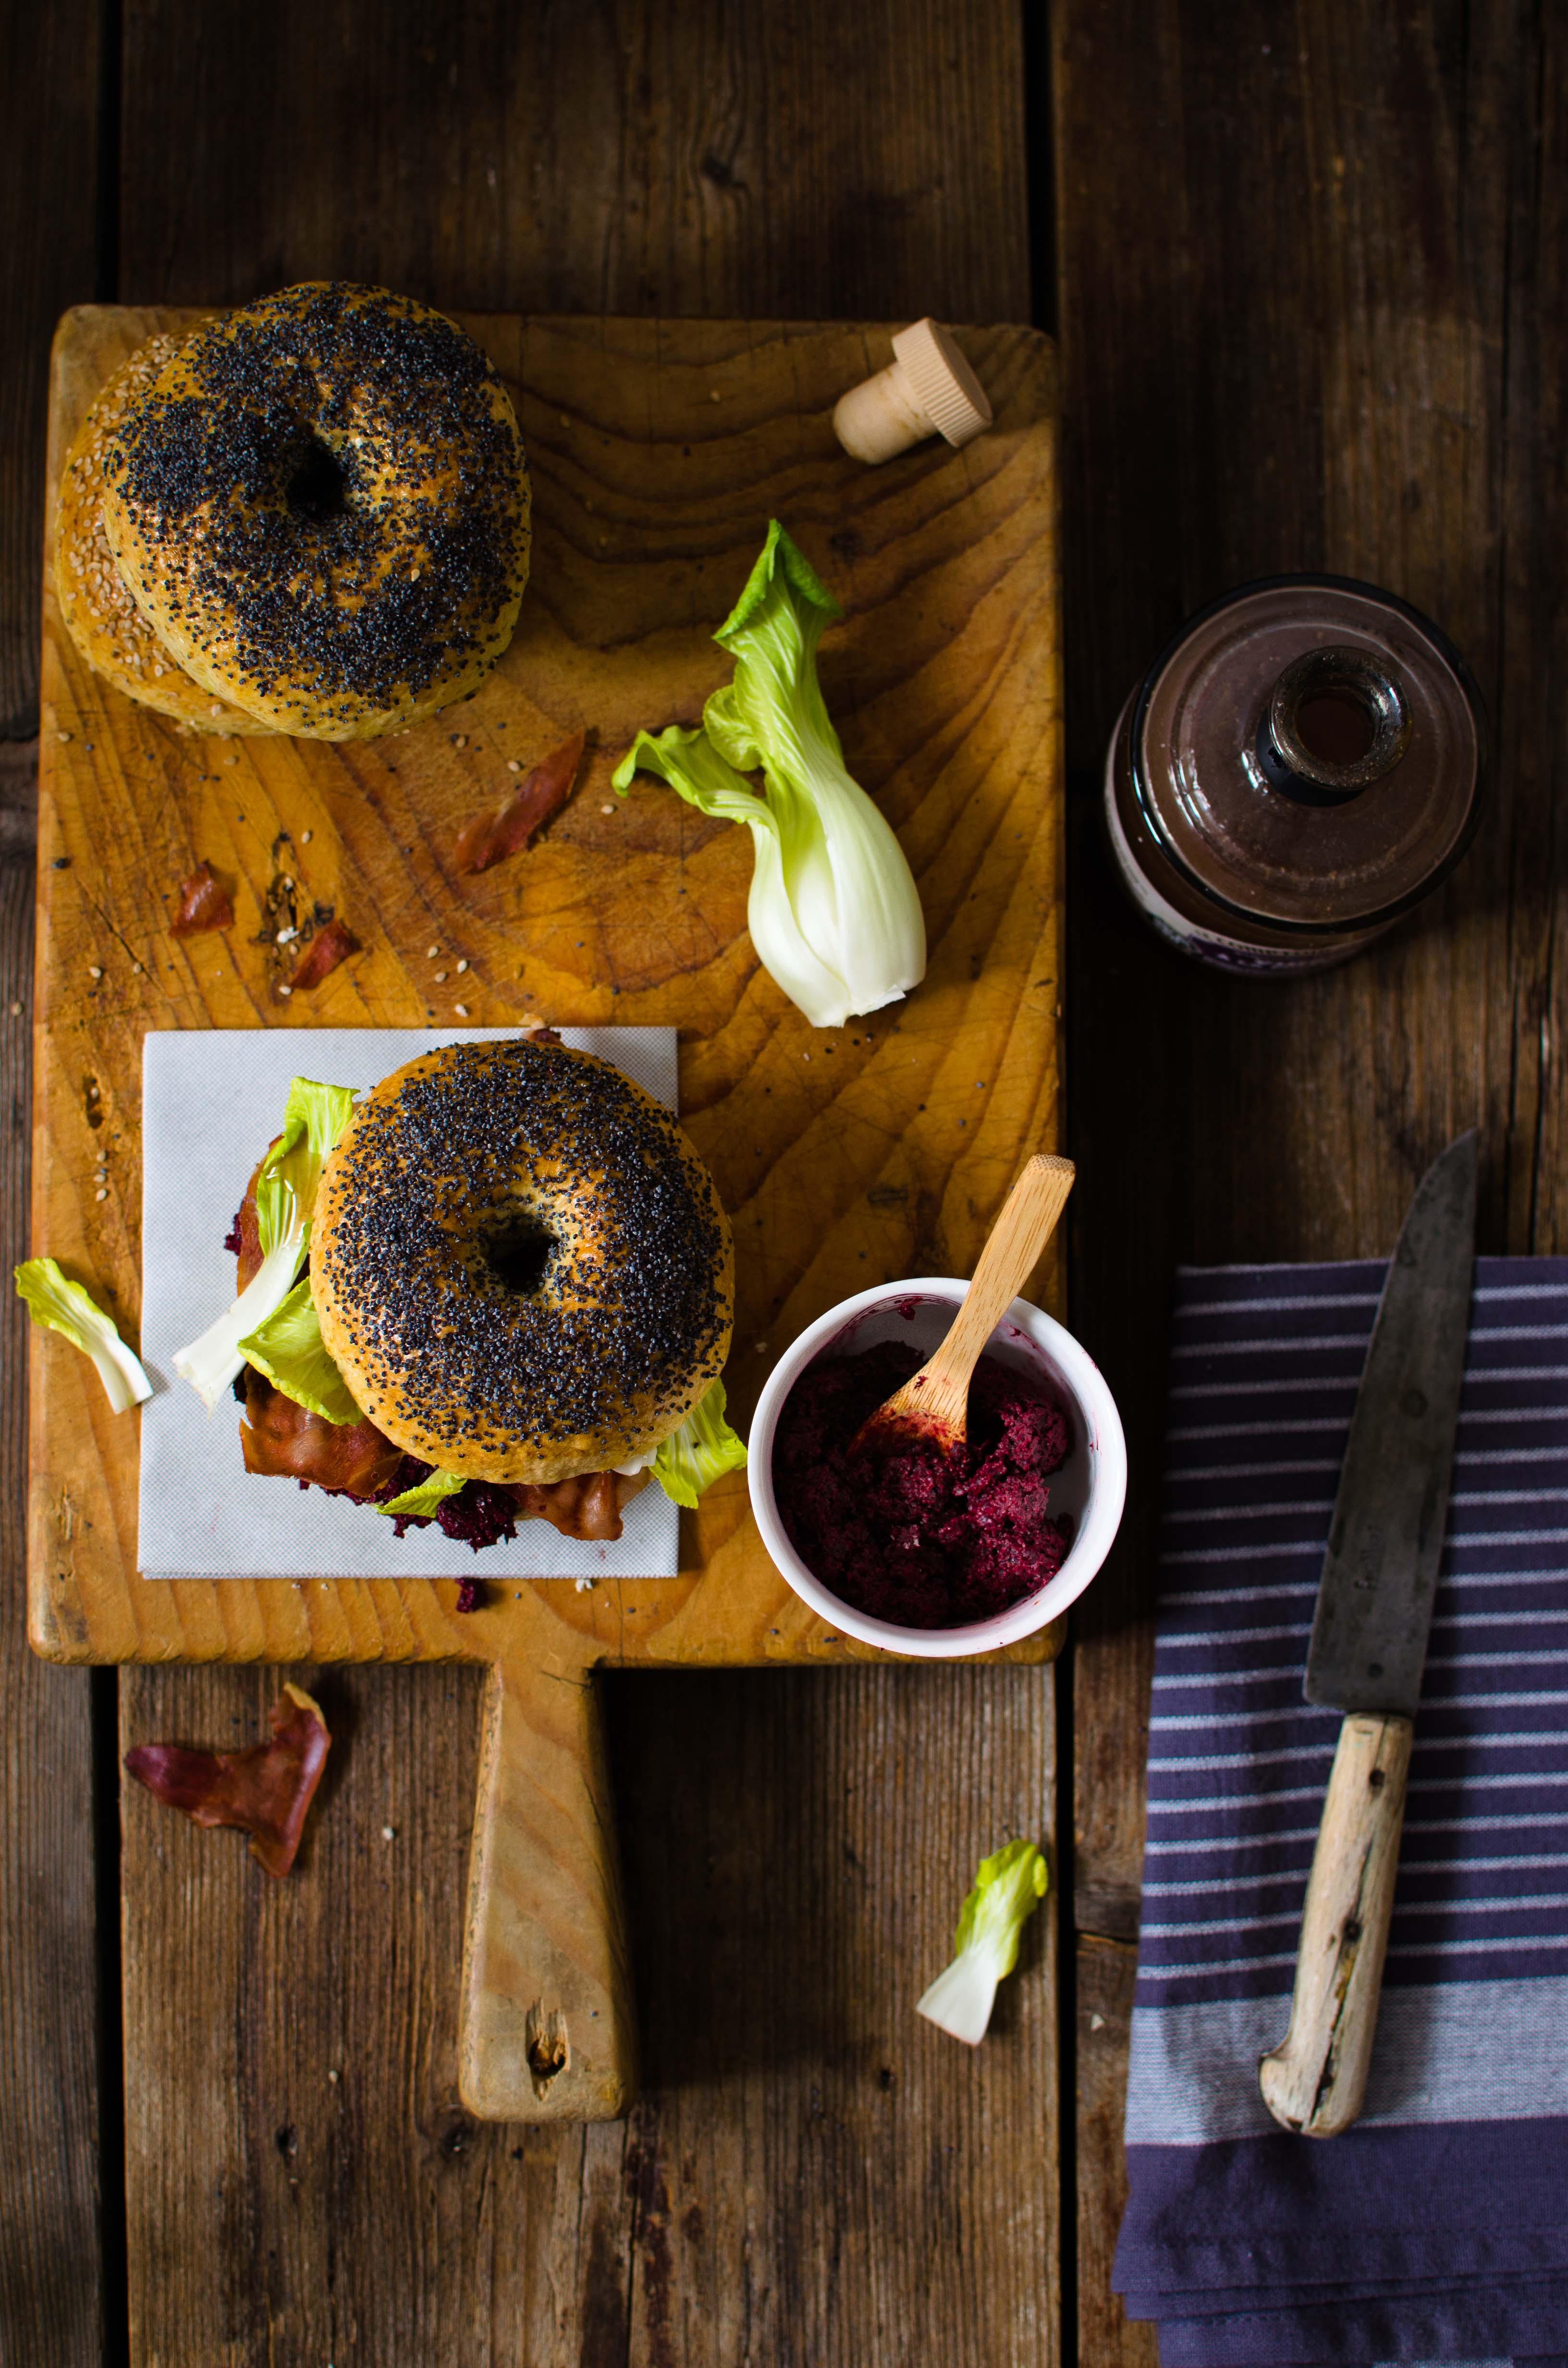 Bagels-speck-croccante Bagels con speck croccante, ketchup di barbabietola e bok choy